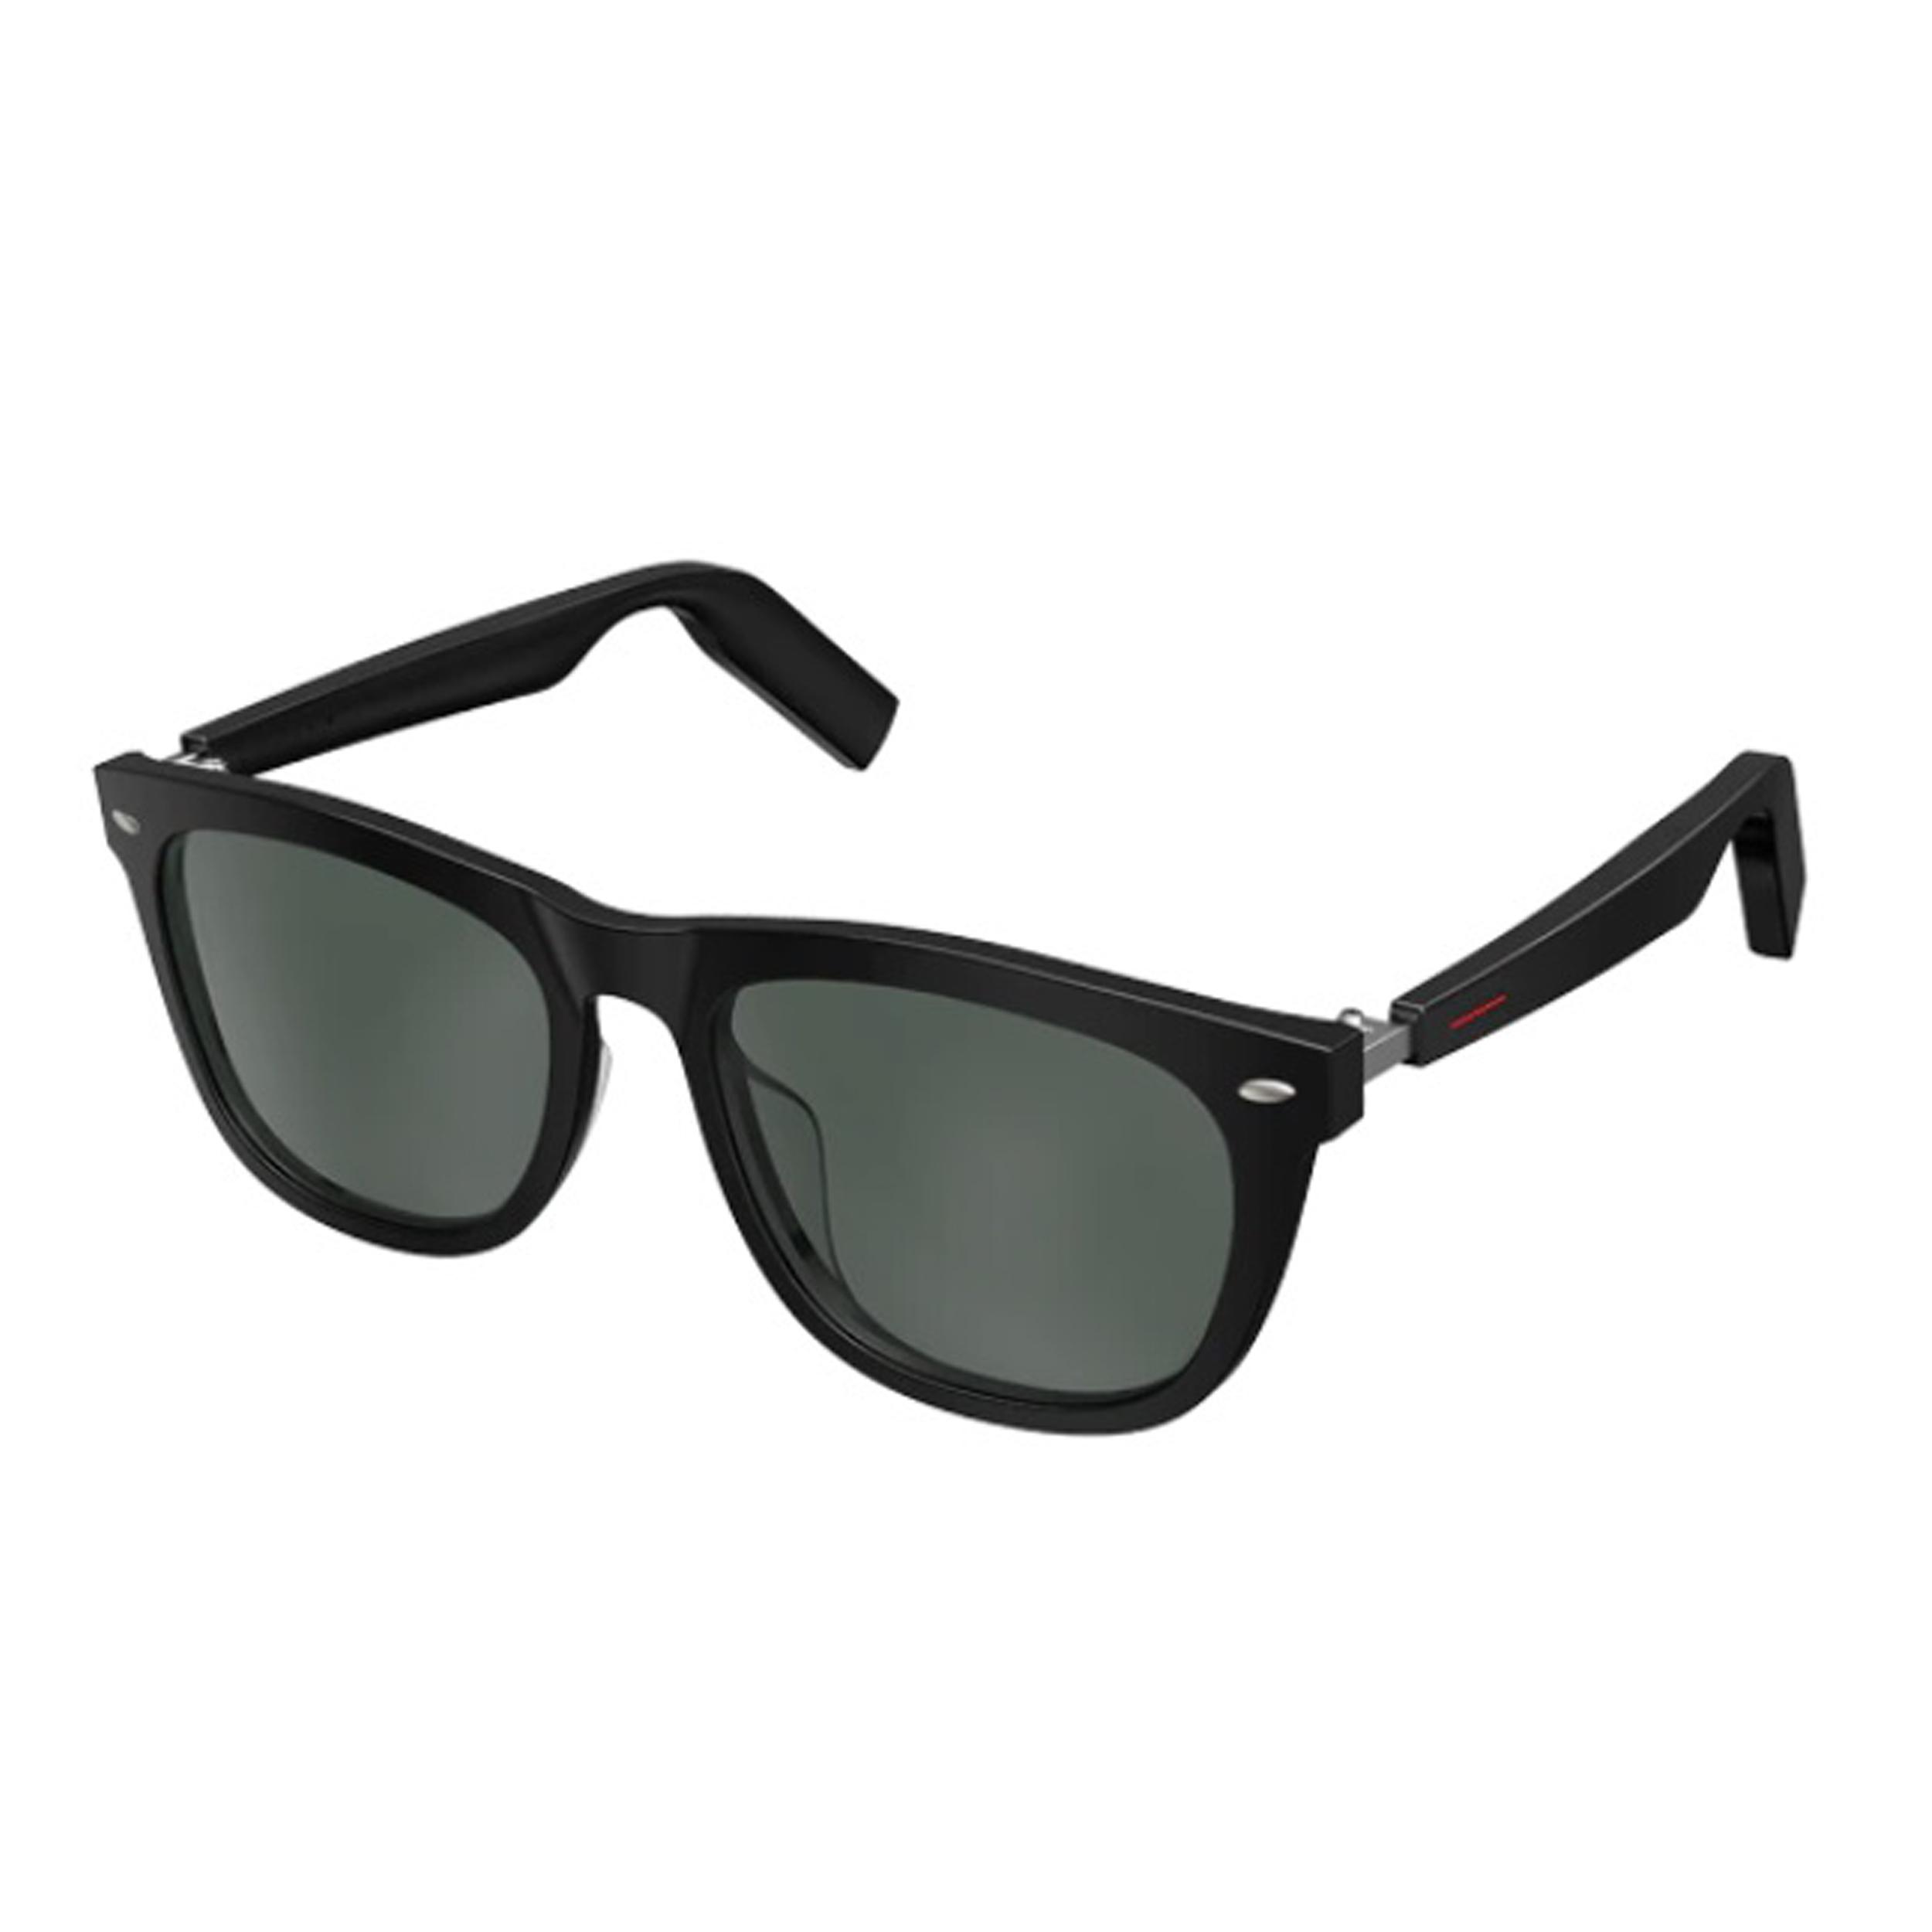 بررسی و {خرید با تخفیف}                                     هدست بلوتوثی مدل عینک هوشمند E9-s                             اصل